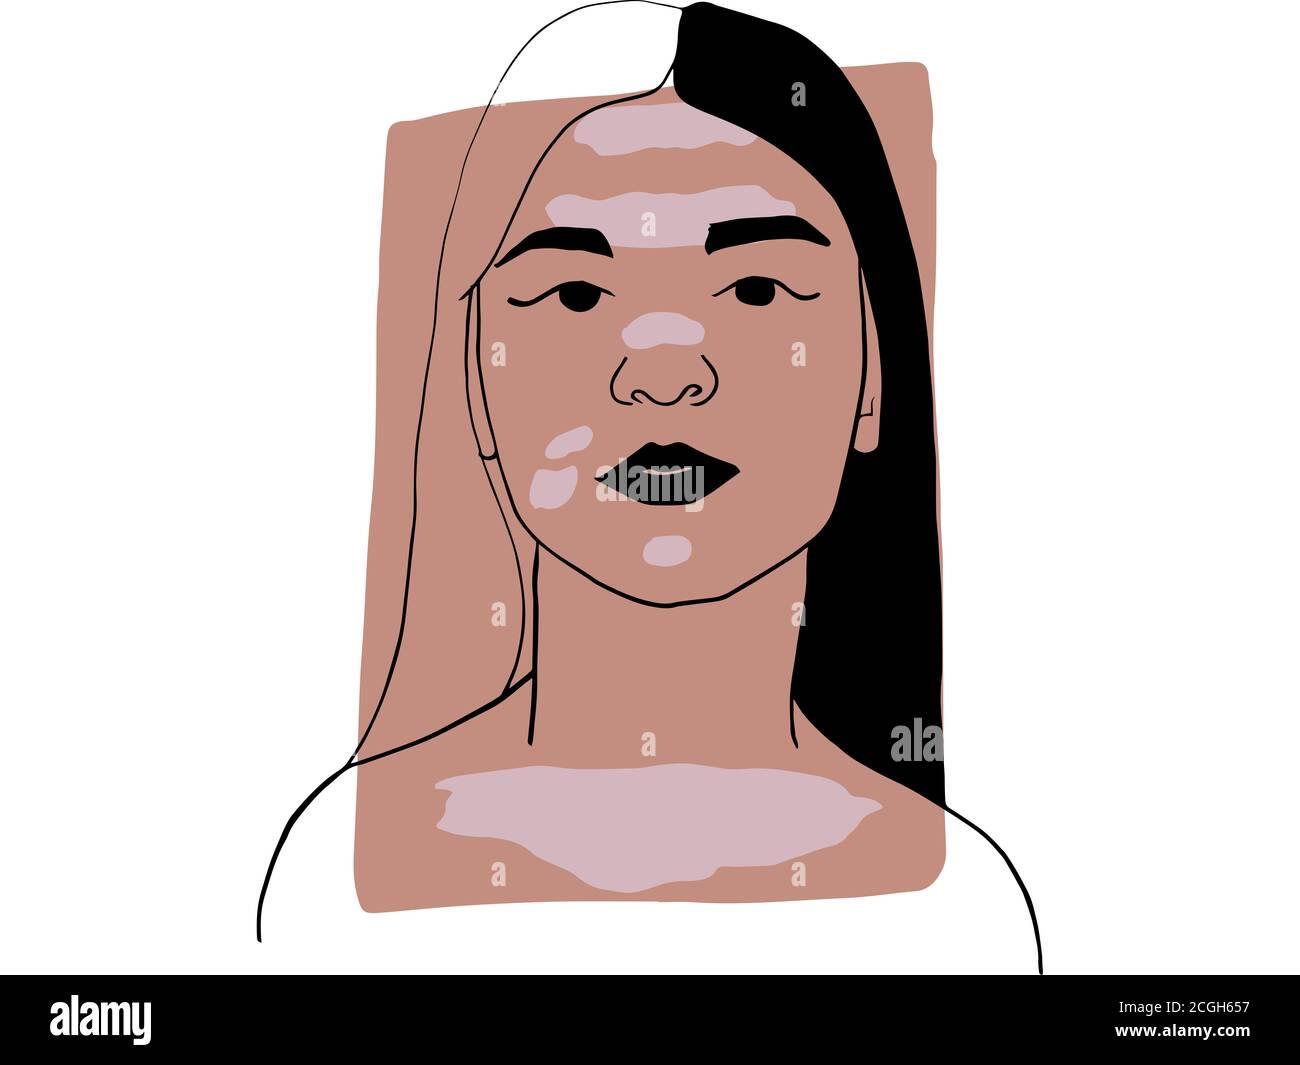 Dibujo a mano retrato de una joven con vitiligo y color de muestra beige oscuro. Colección abstracta de diferentes personas y tonos de piel. Buceadores Foto de stock